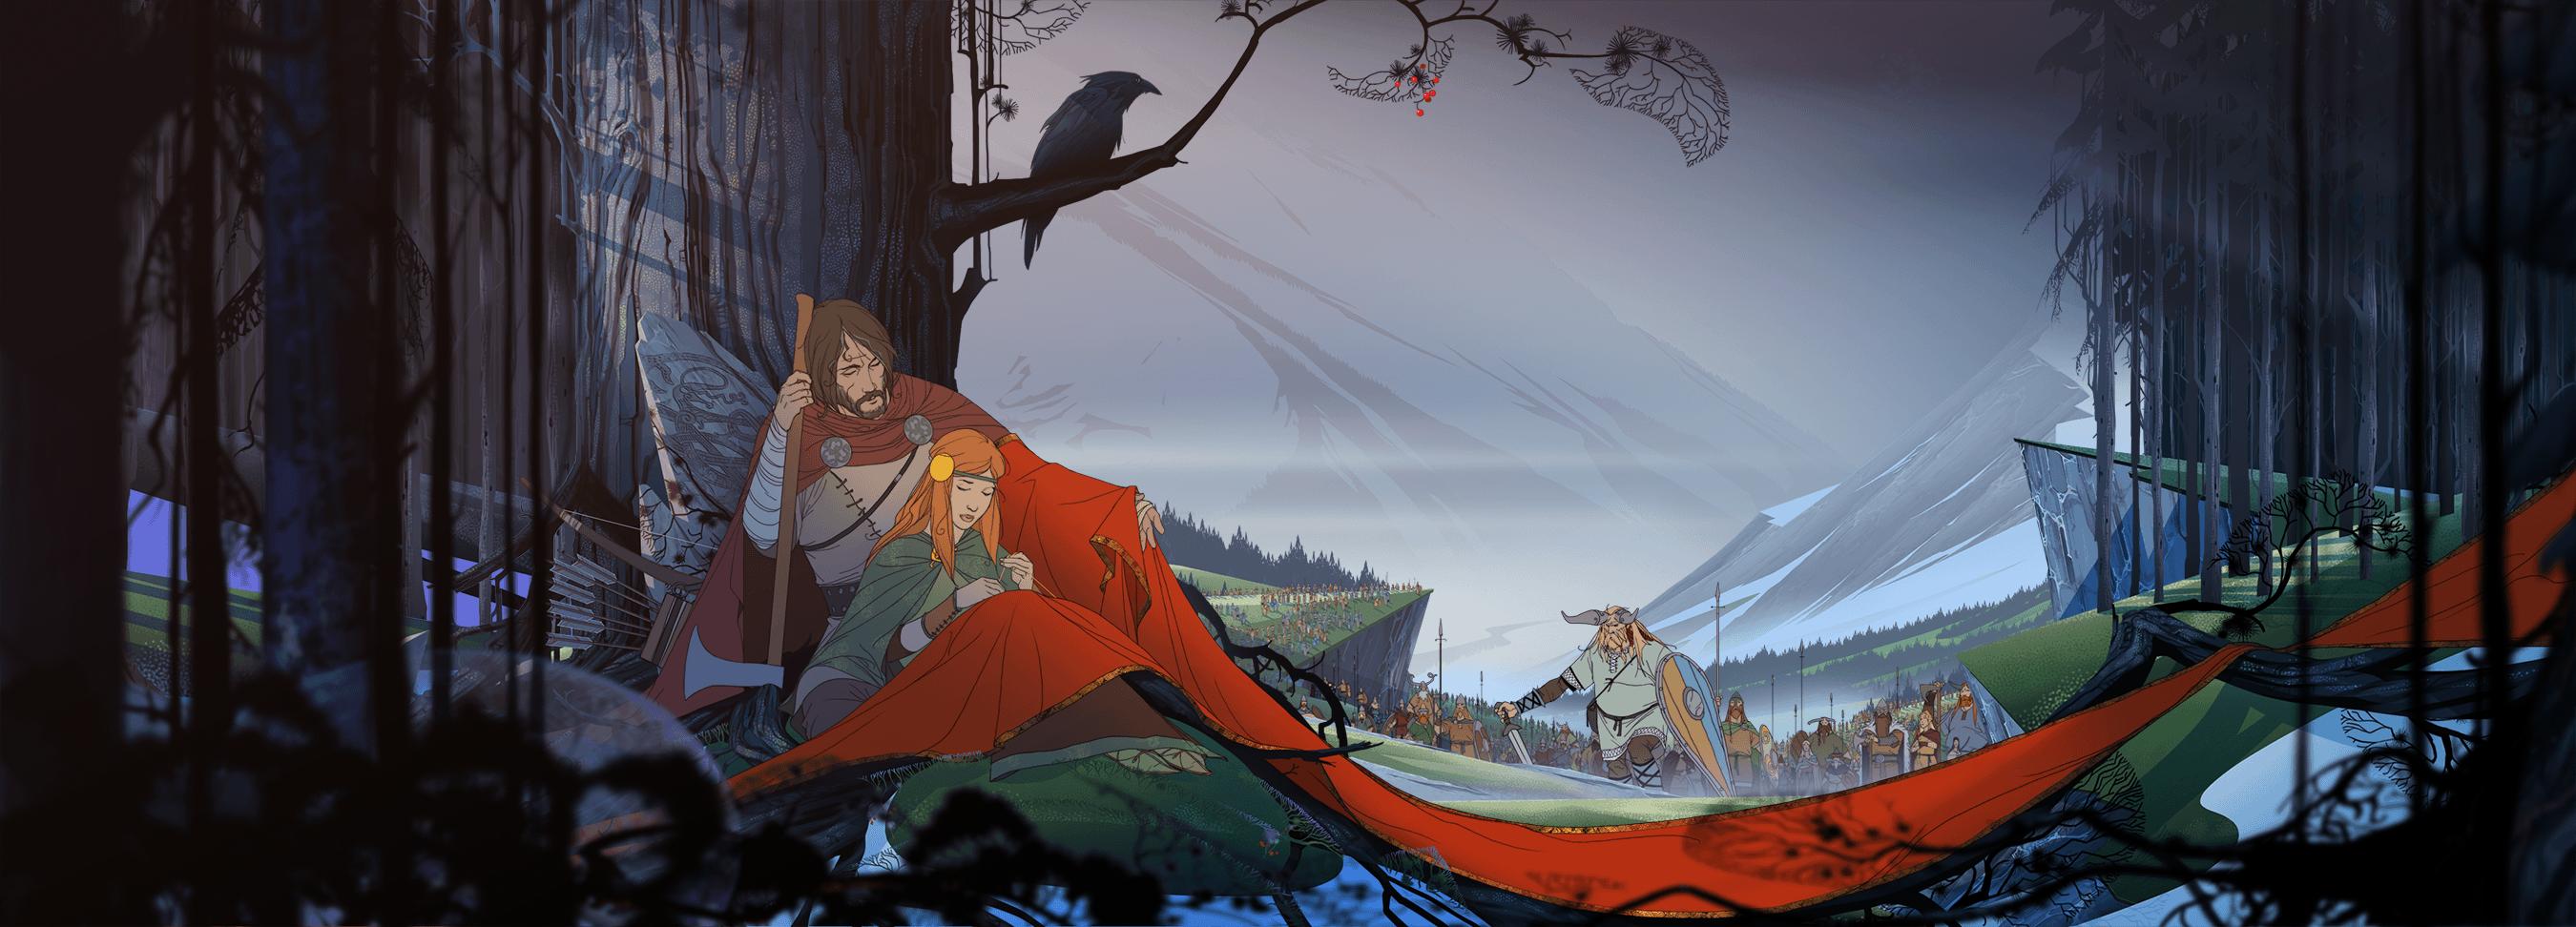 The Banner Saga es obra del estudio Stoic, formado por tres trabajadores de Bioware